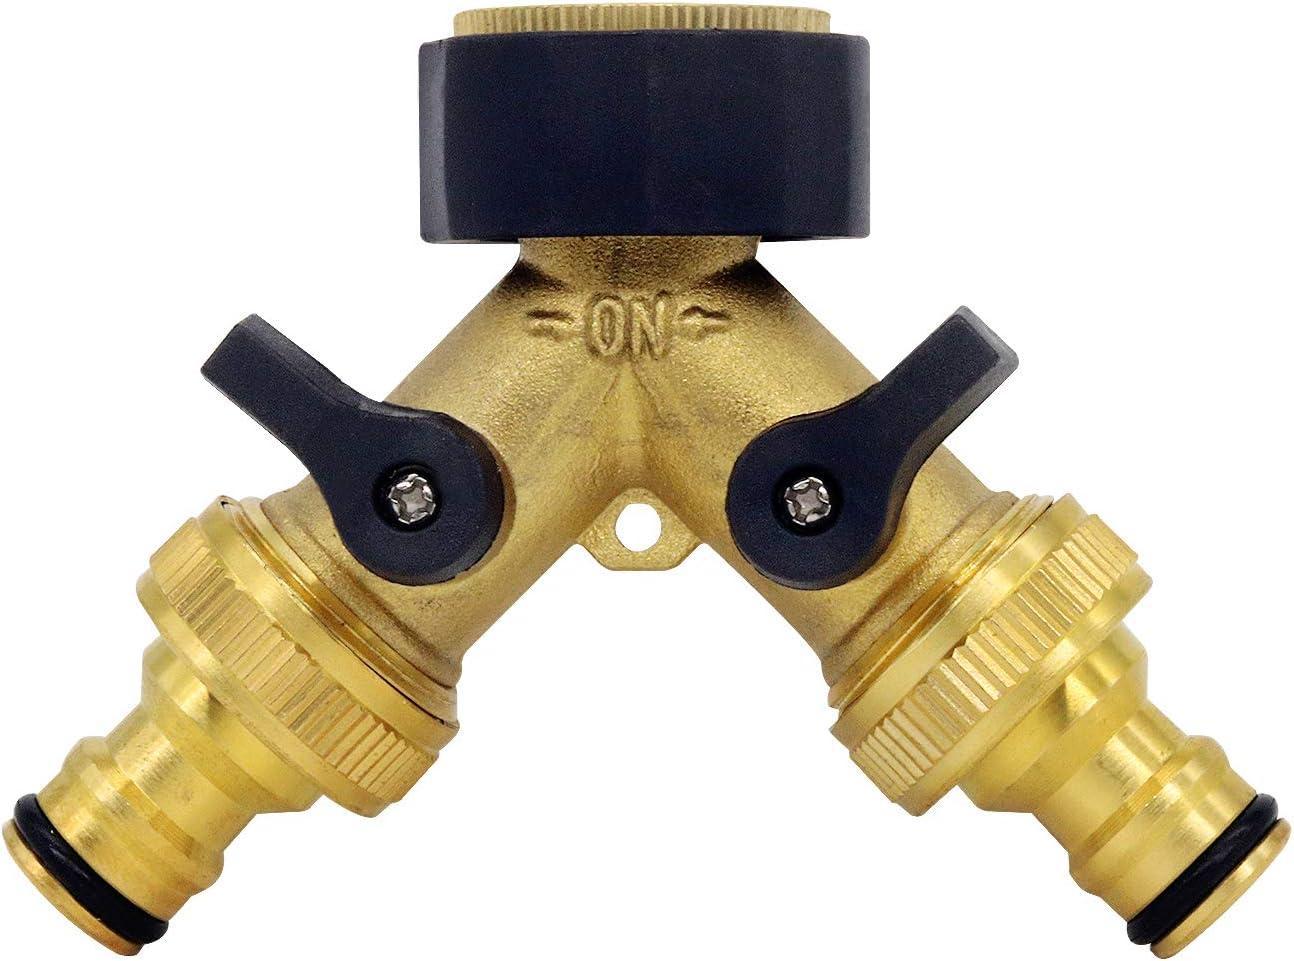 CT 2 Pack Gartenschlauch Messing Kugelhahn 3//4  Gewinde Hochleistungs-Wasserschlauchanschluss Absperrkugelhahn-Wasserhahnschlauchadapter